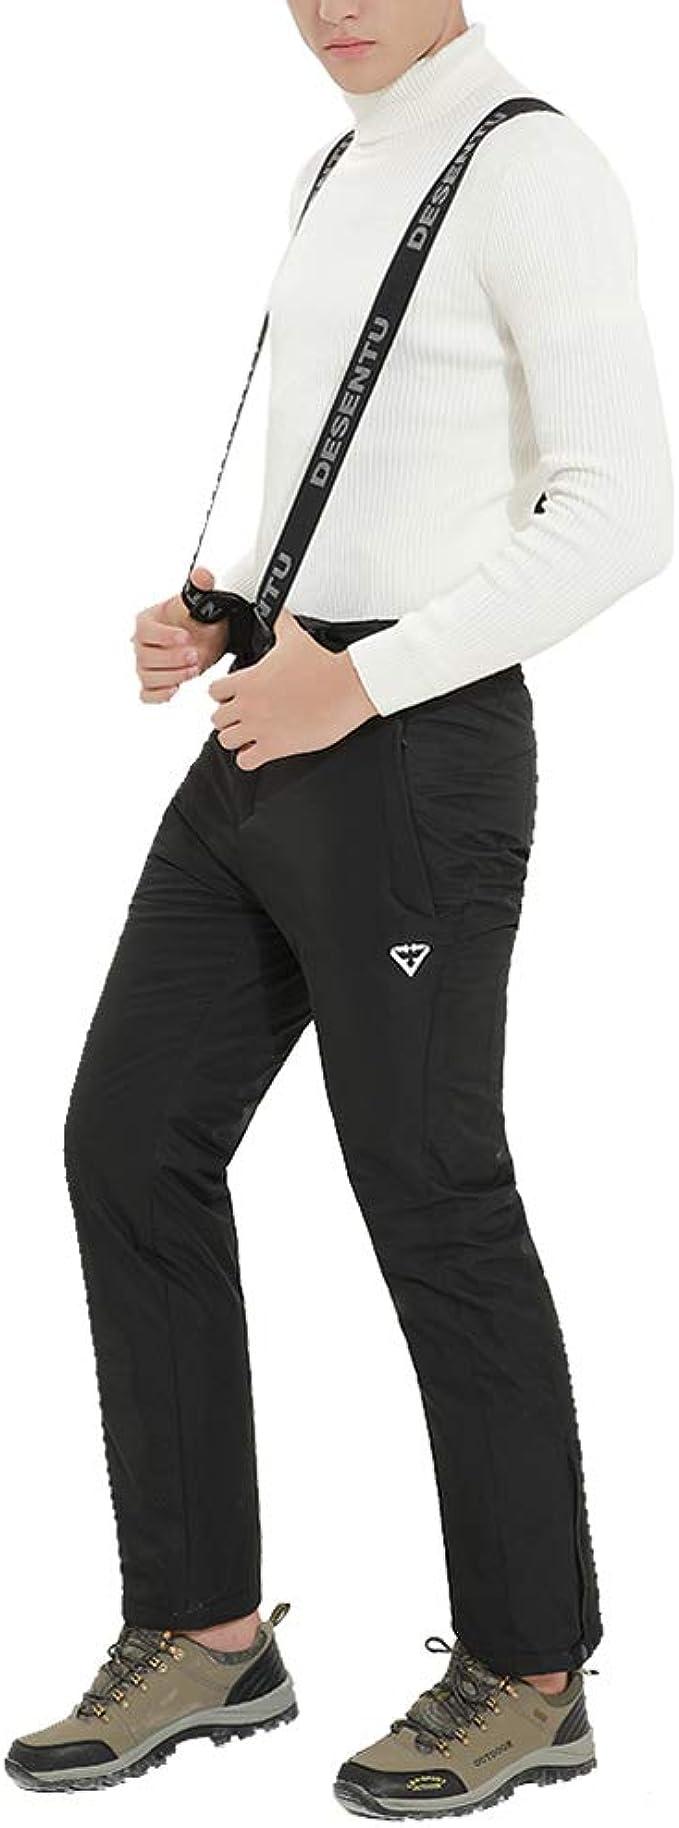 Maifly Herren Skihose Snowboardhose Schneehose mit Verstellbarer Bund Abnehmbare Tr/äger Ideale Skibekleidung zum Skifahren